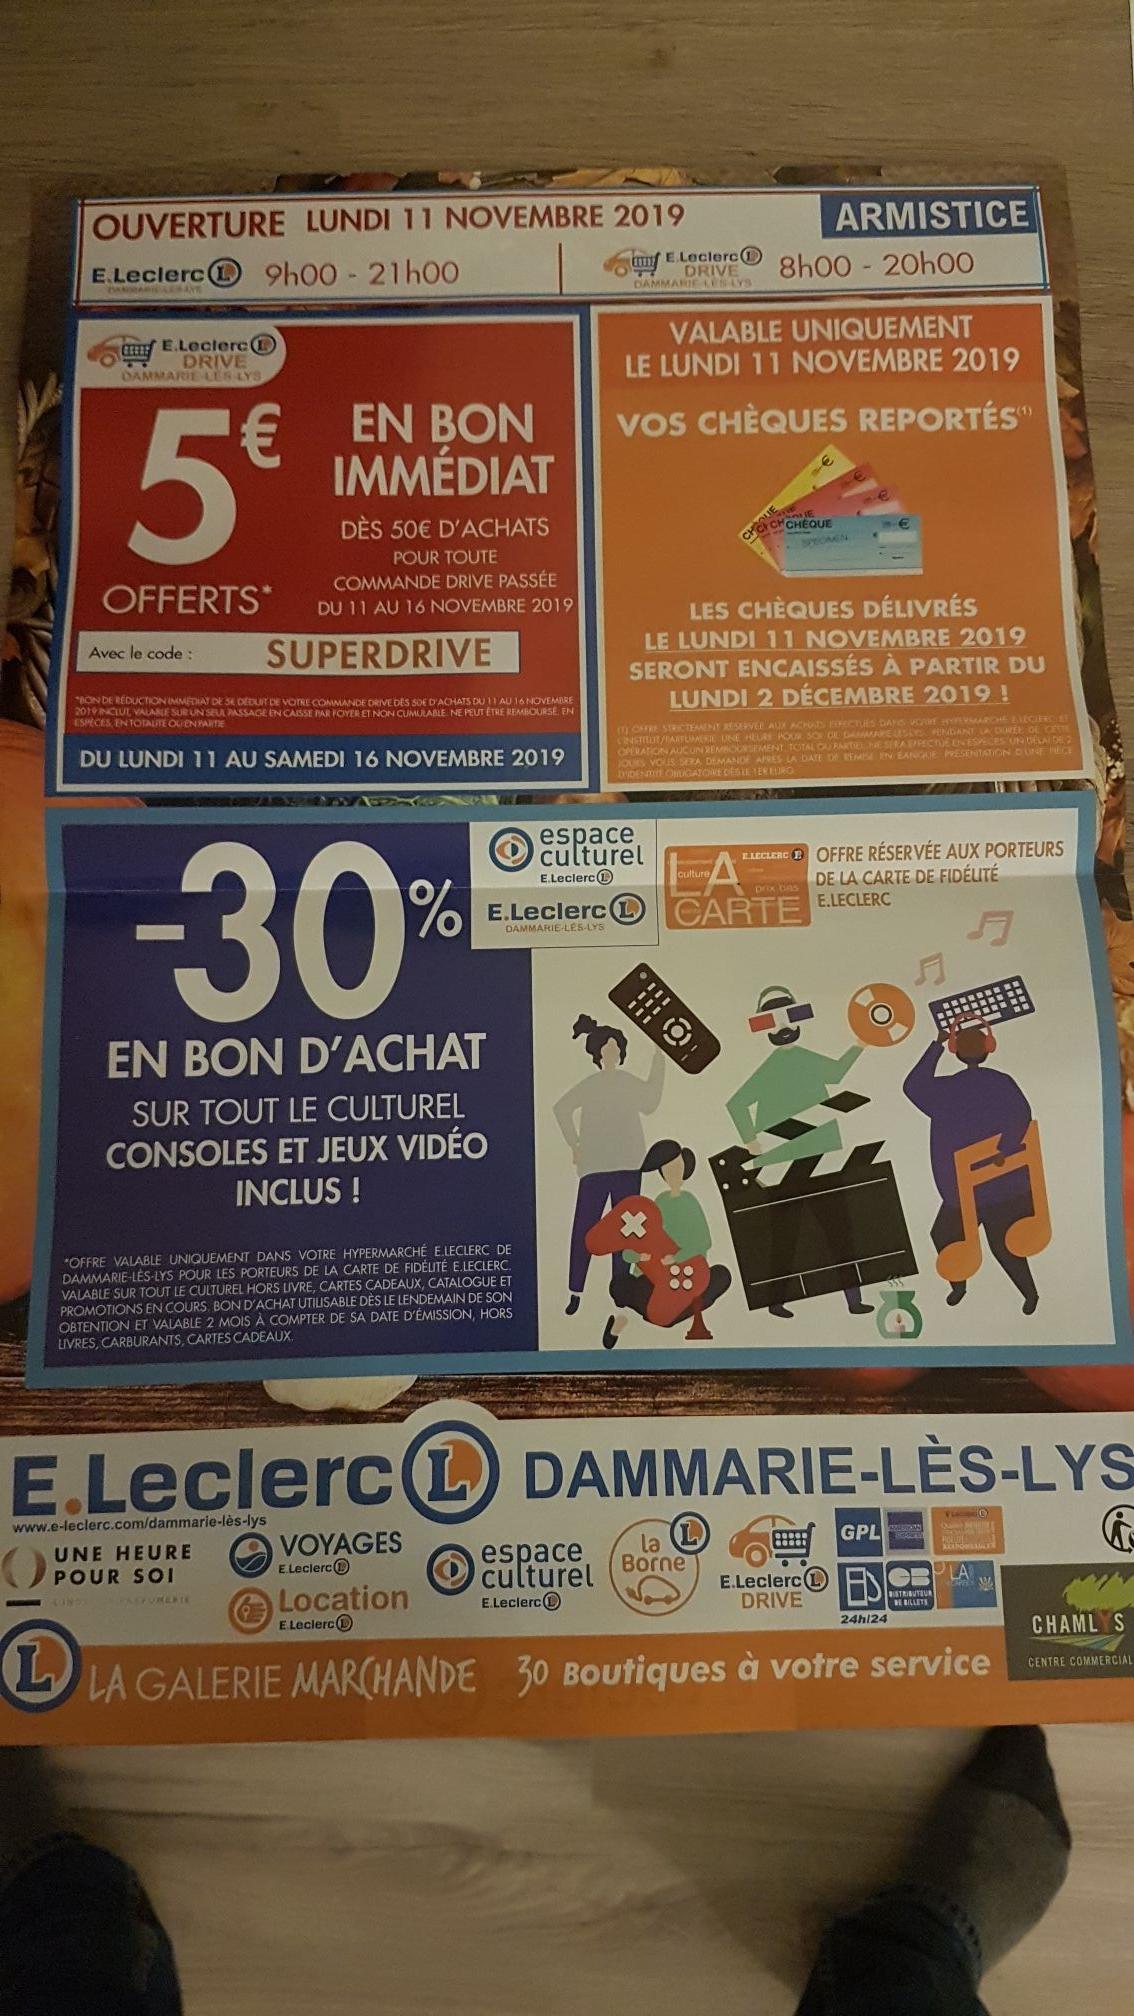 30% remboursés en bon d'achat sur l'Espace Culturel - Dammarie-les-Lys (77)